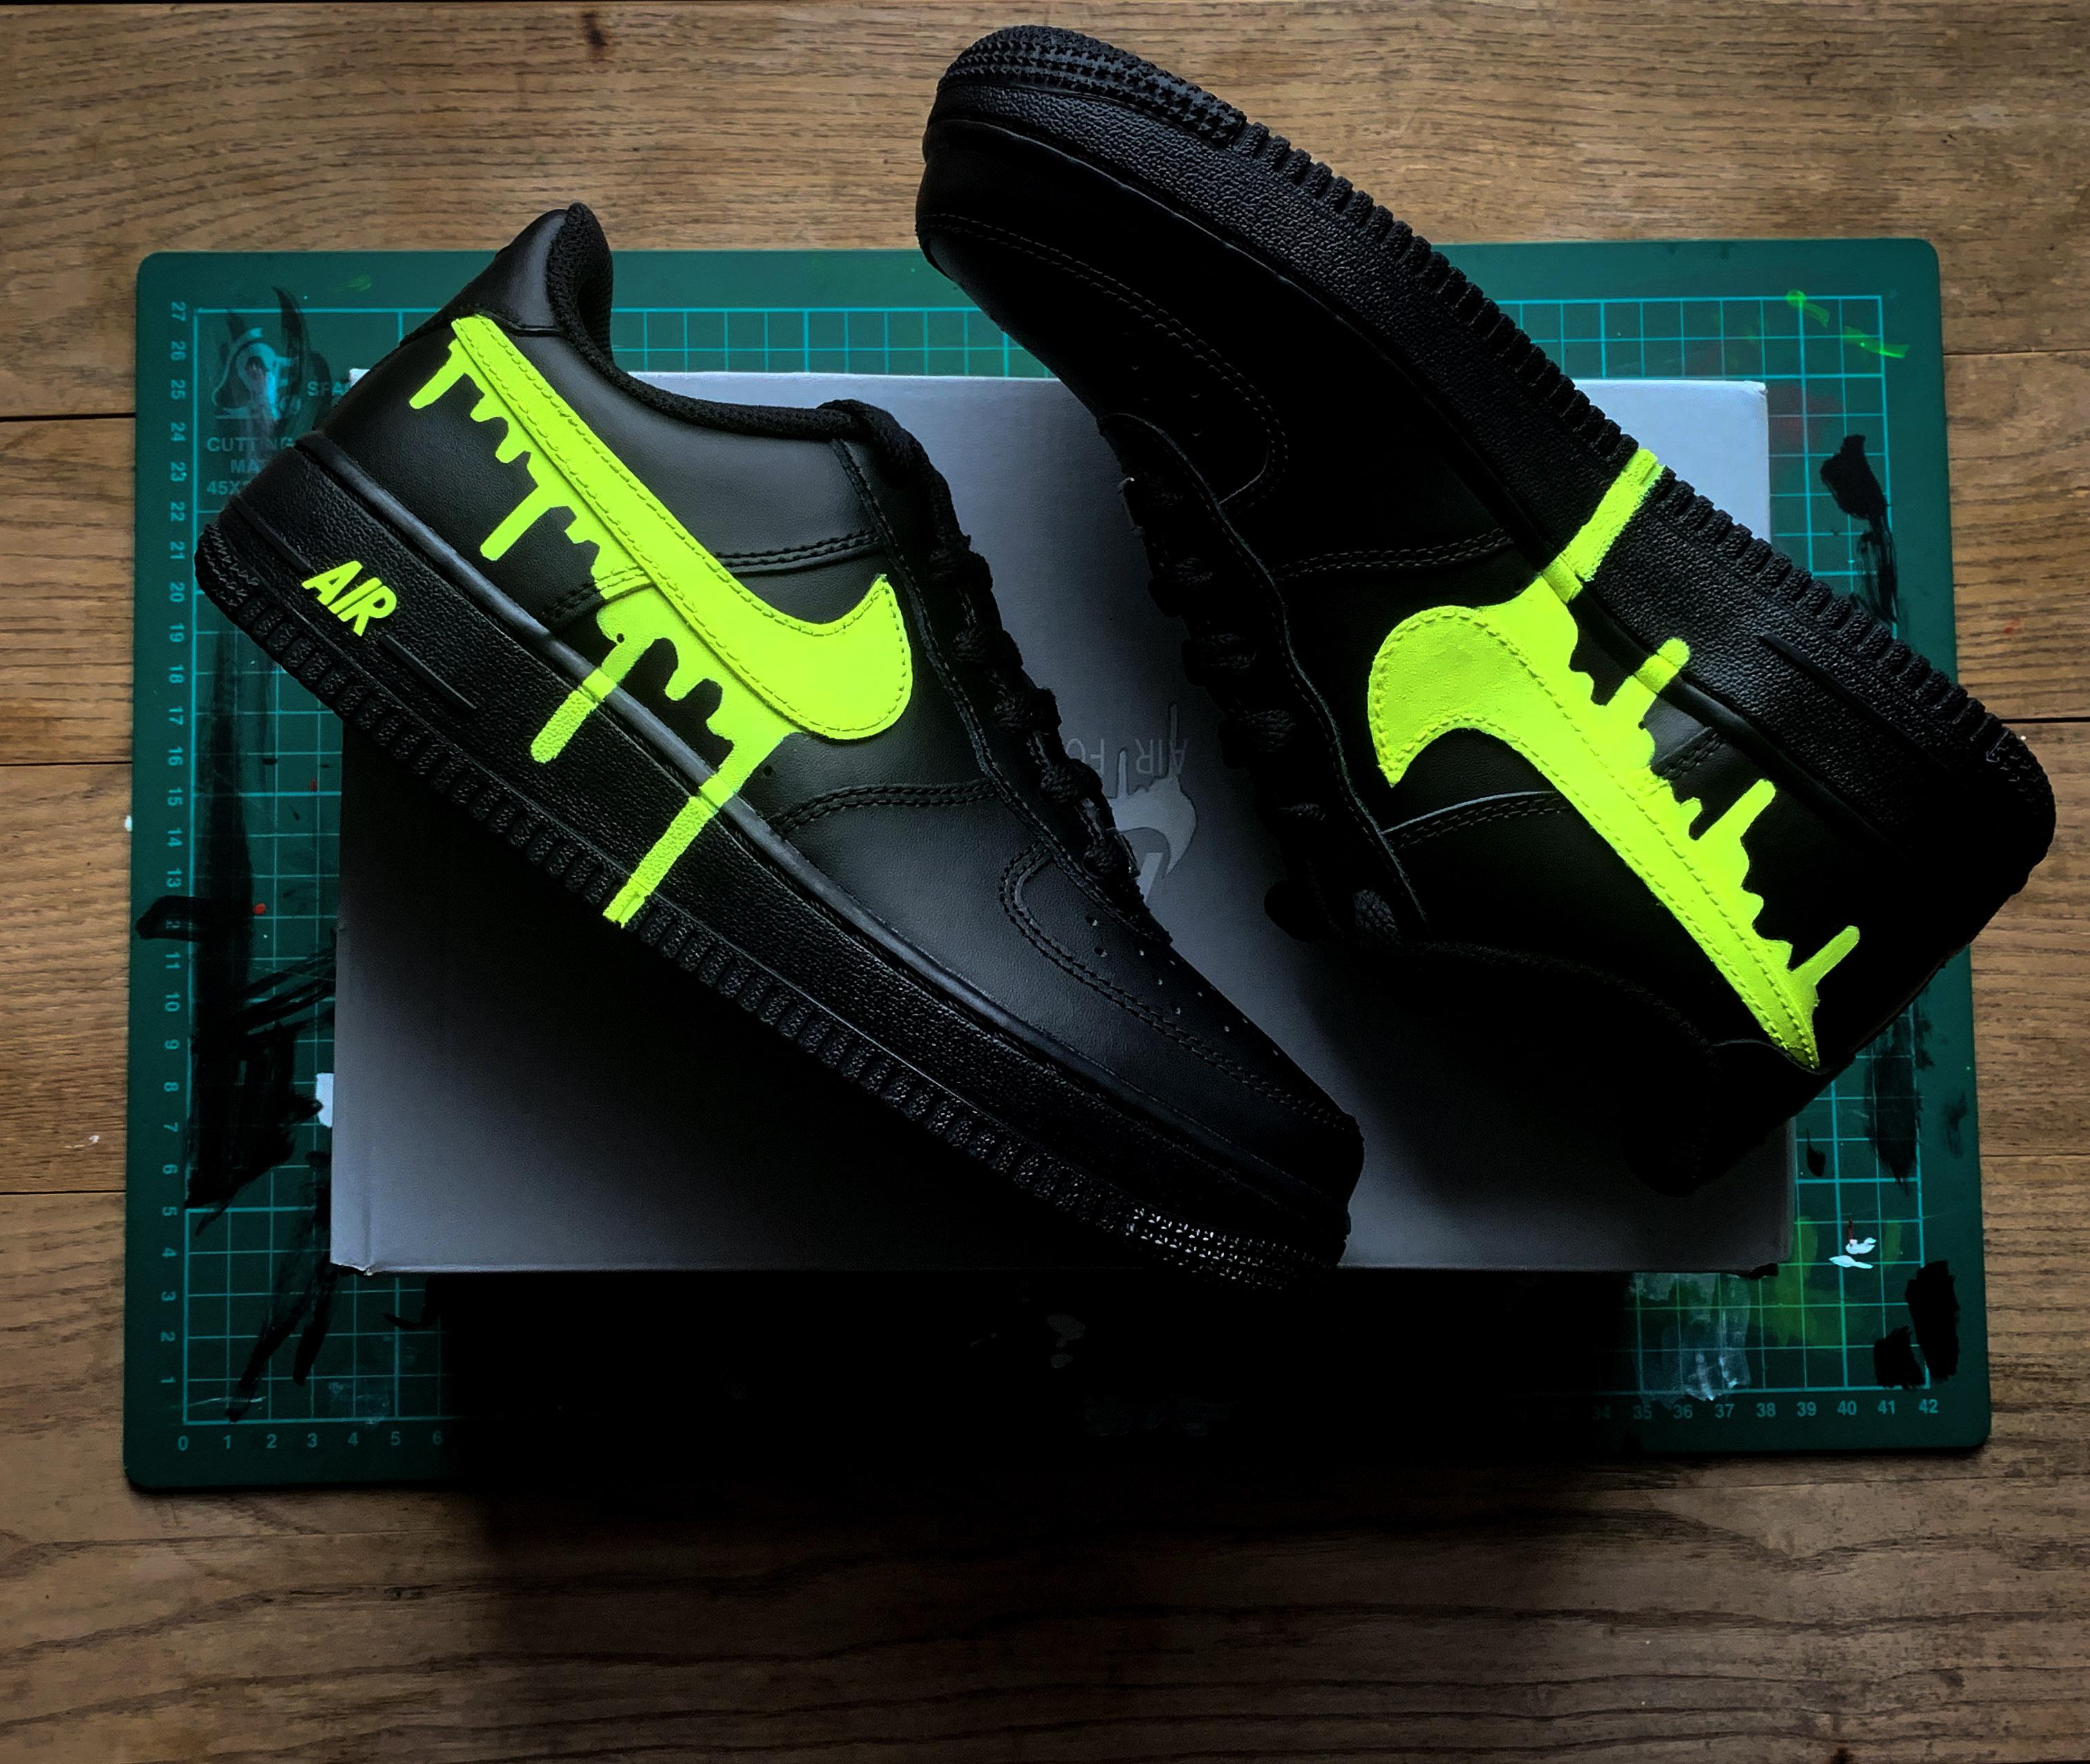 slime green af1